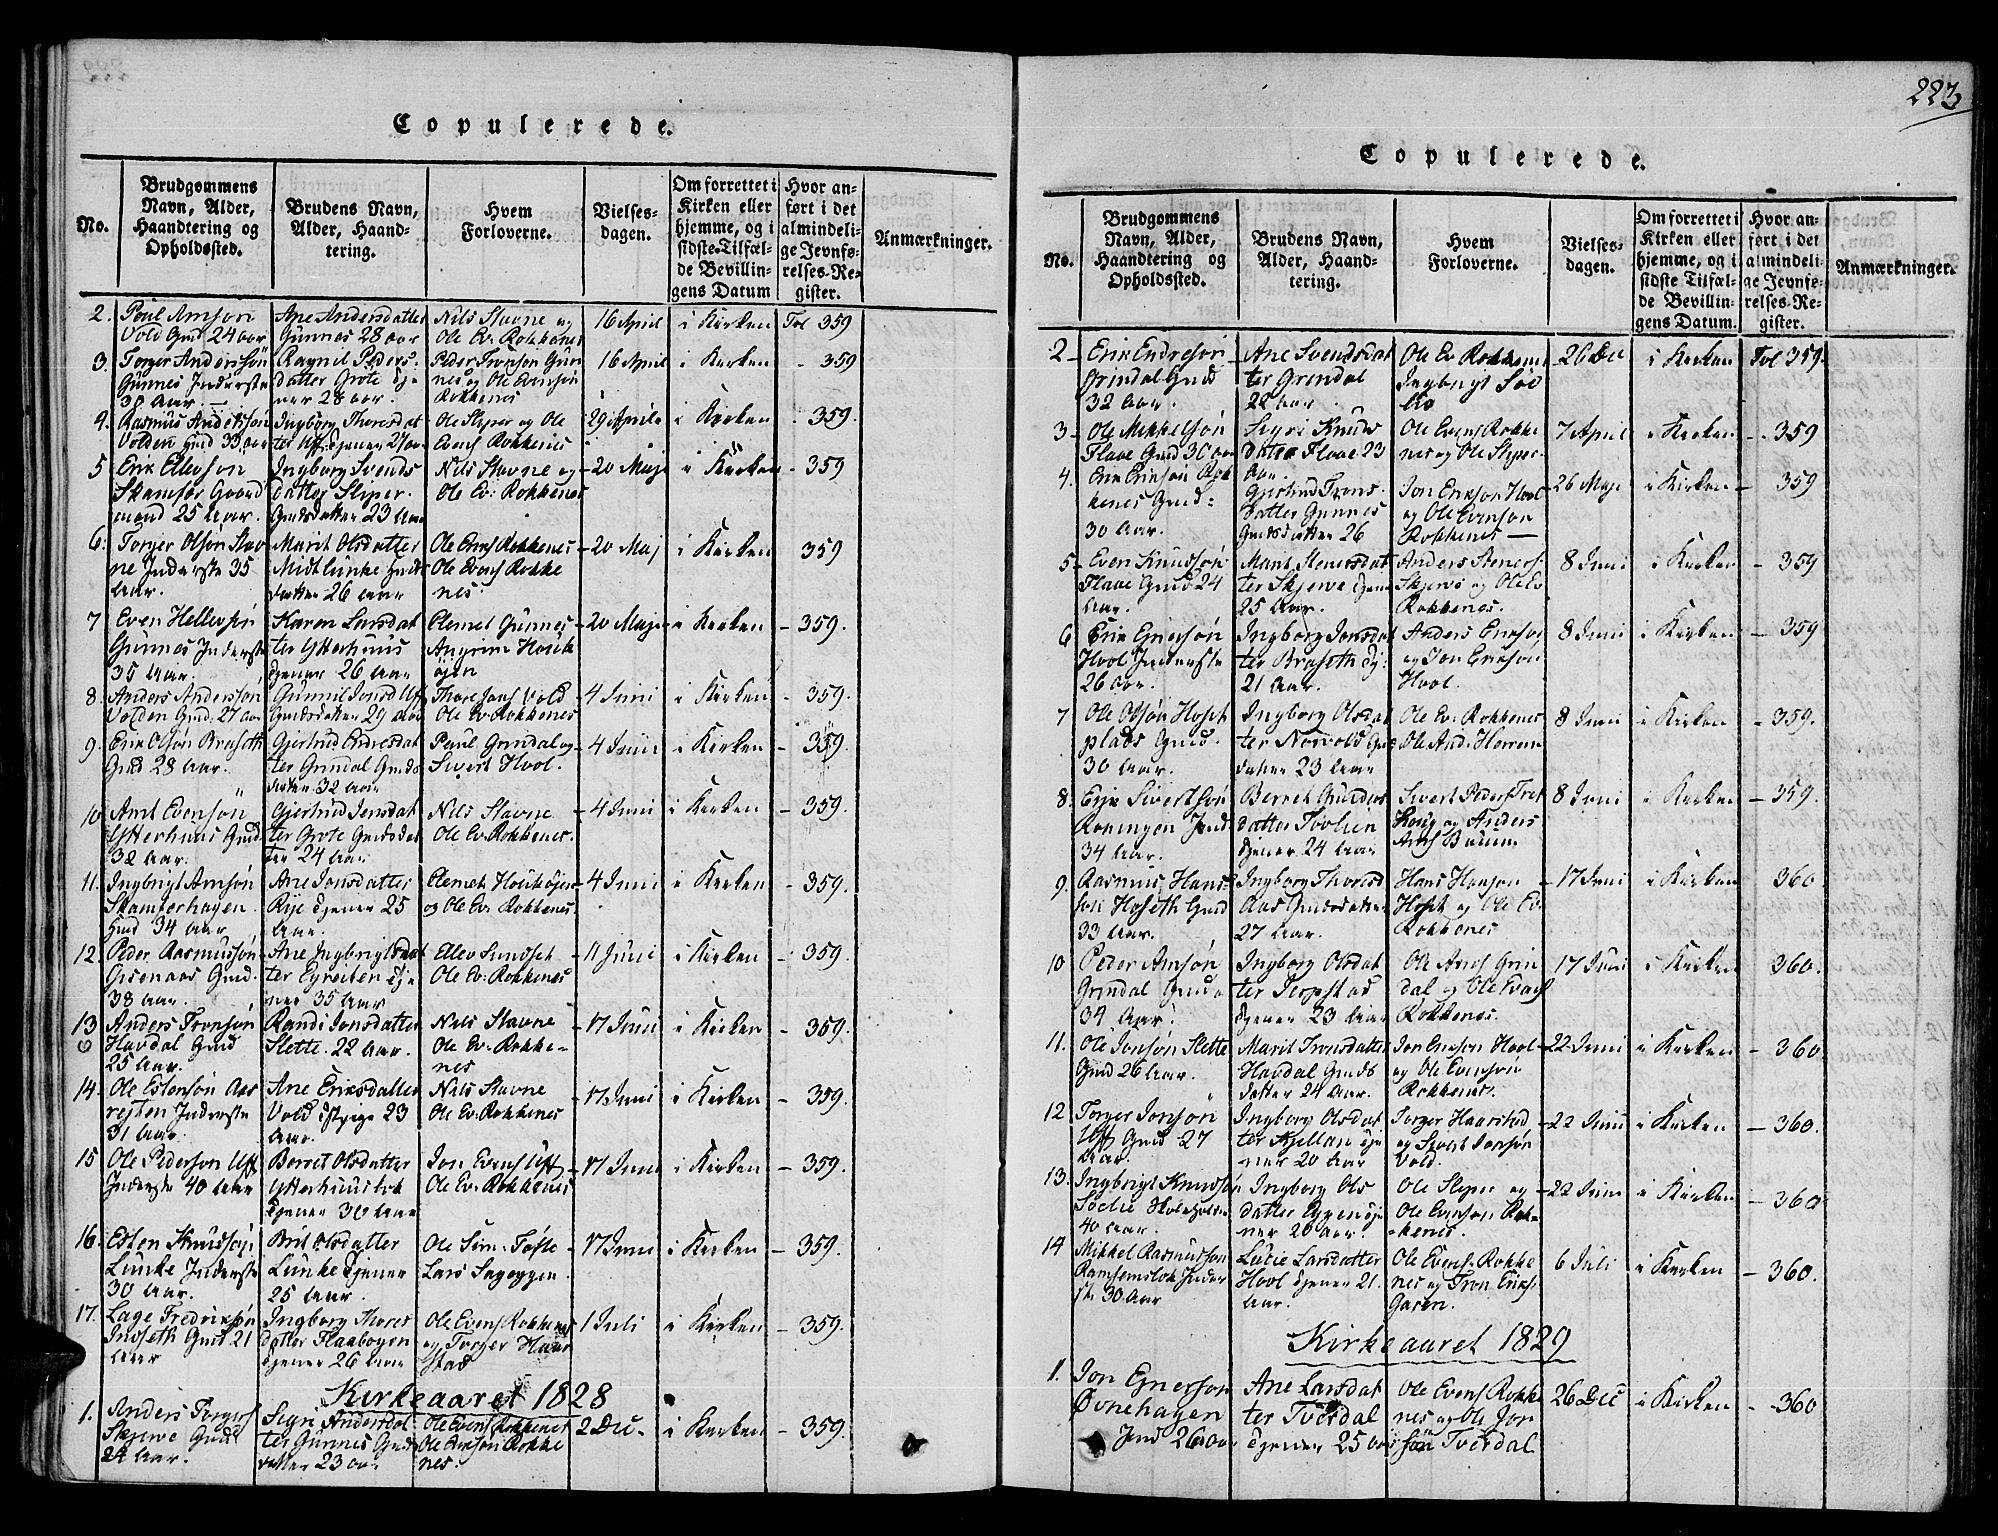 SAT, Ministerialprotokoller, klokkerbøker og fødselsregistre - Sør-Trøndelag, 672/L0854: Ministerialbok nr. 672A06 /2, 1816-1829, s. 223